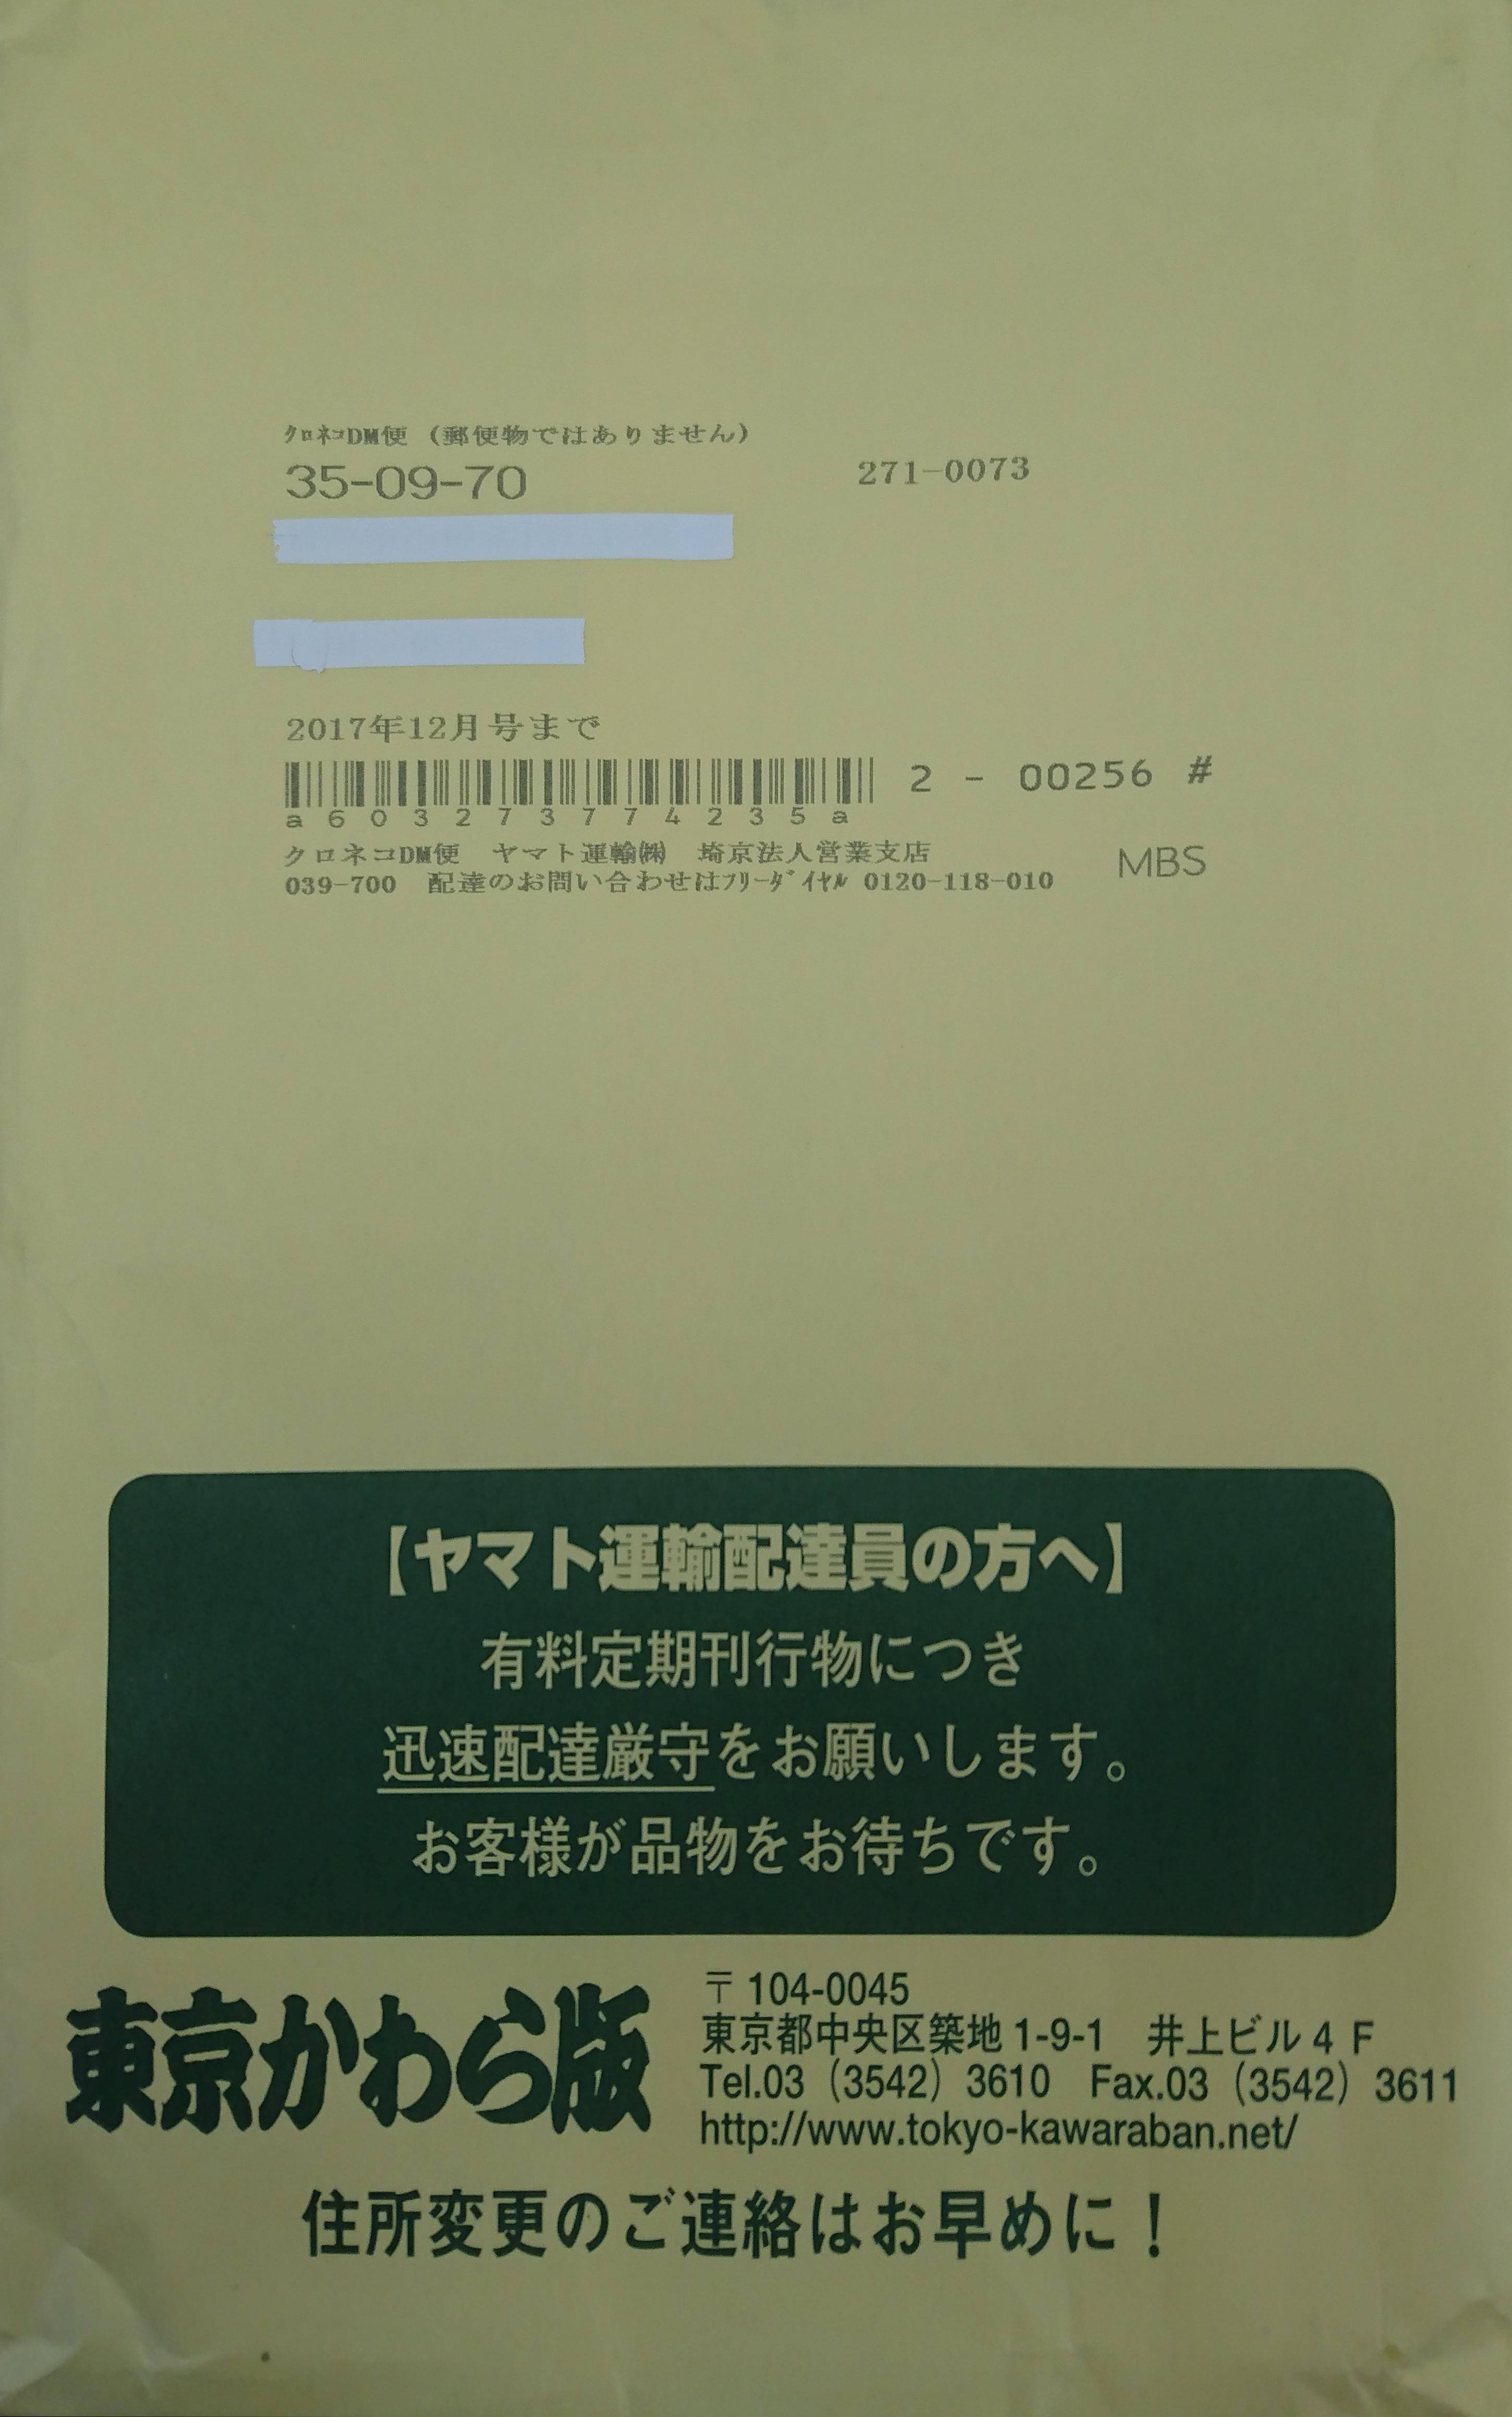 東京かわら版の購読料